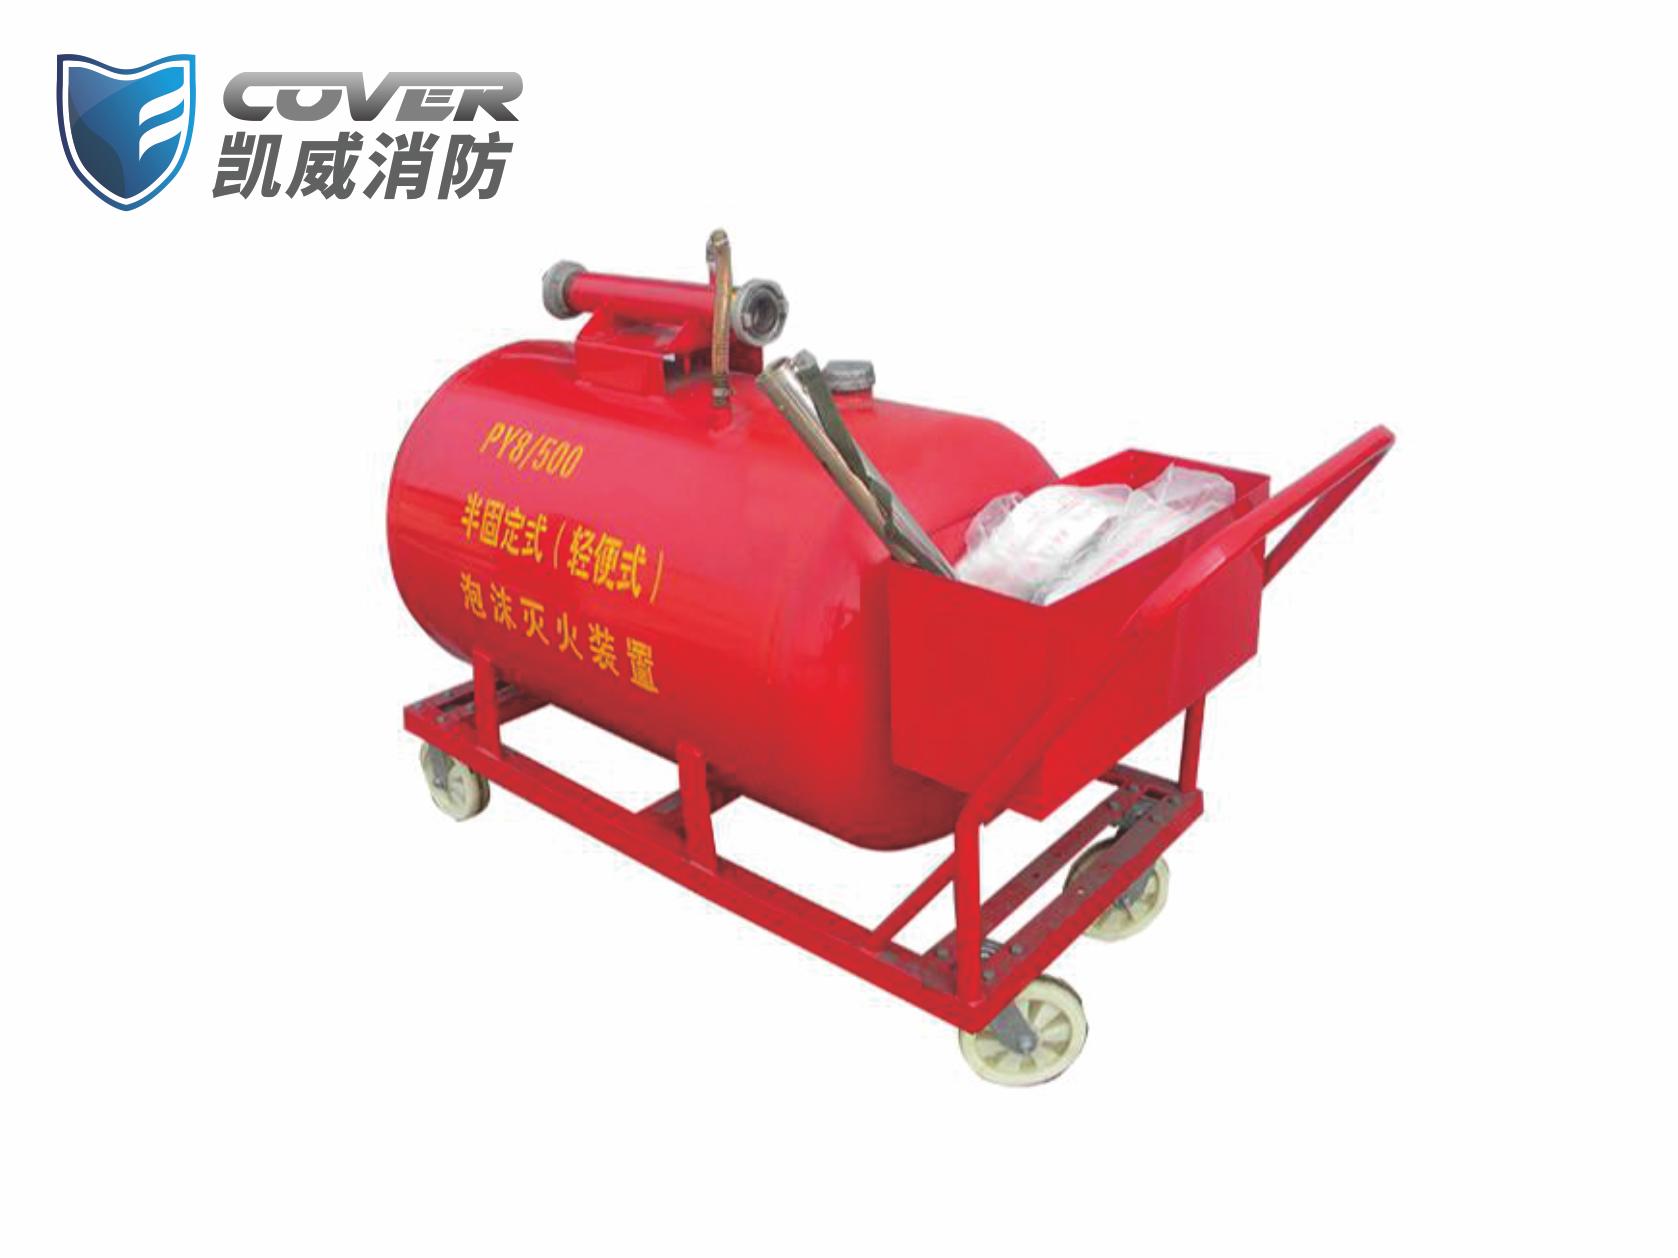 PY8-500推车式泡沫灭火装置